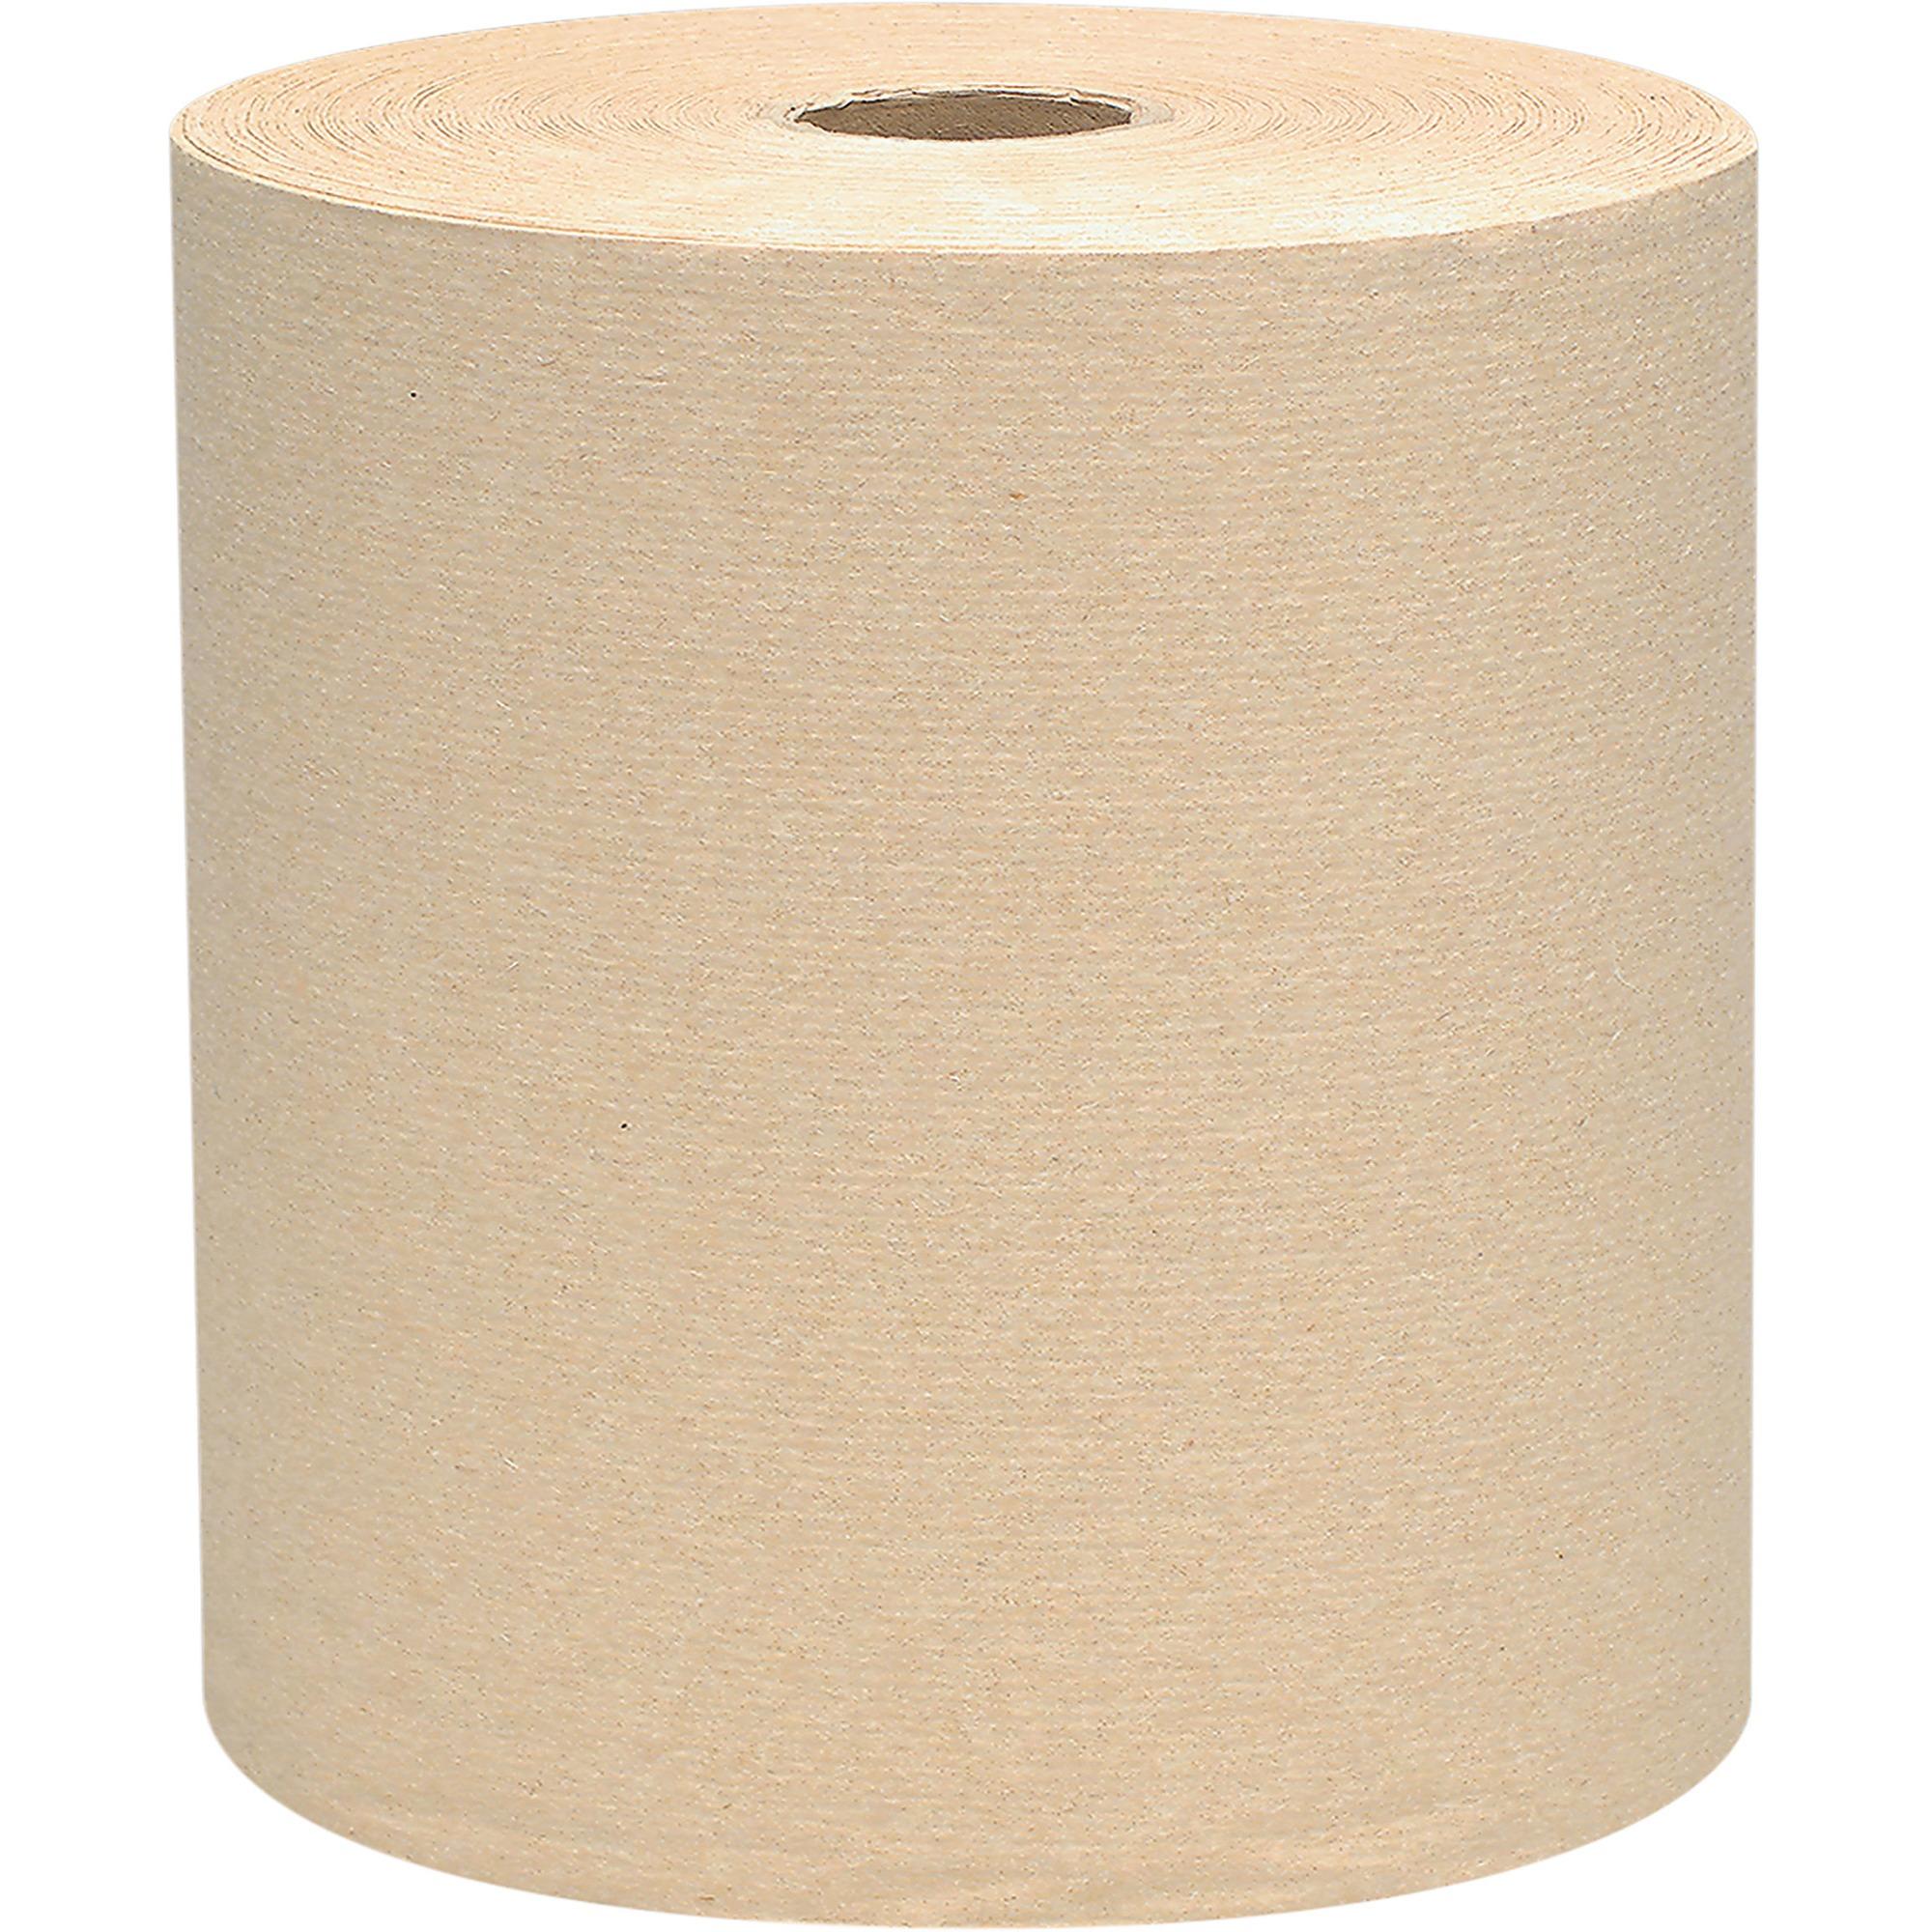 Scott, KCC04142, Brown Hard Roll Towels, 12 / Carton, Brown,Kraft